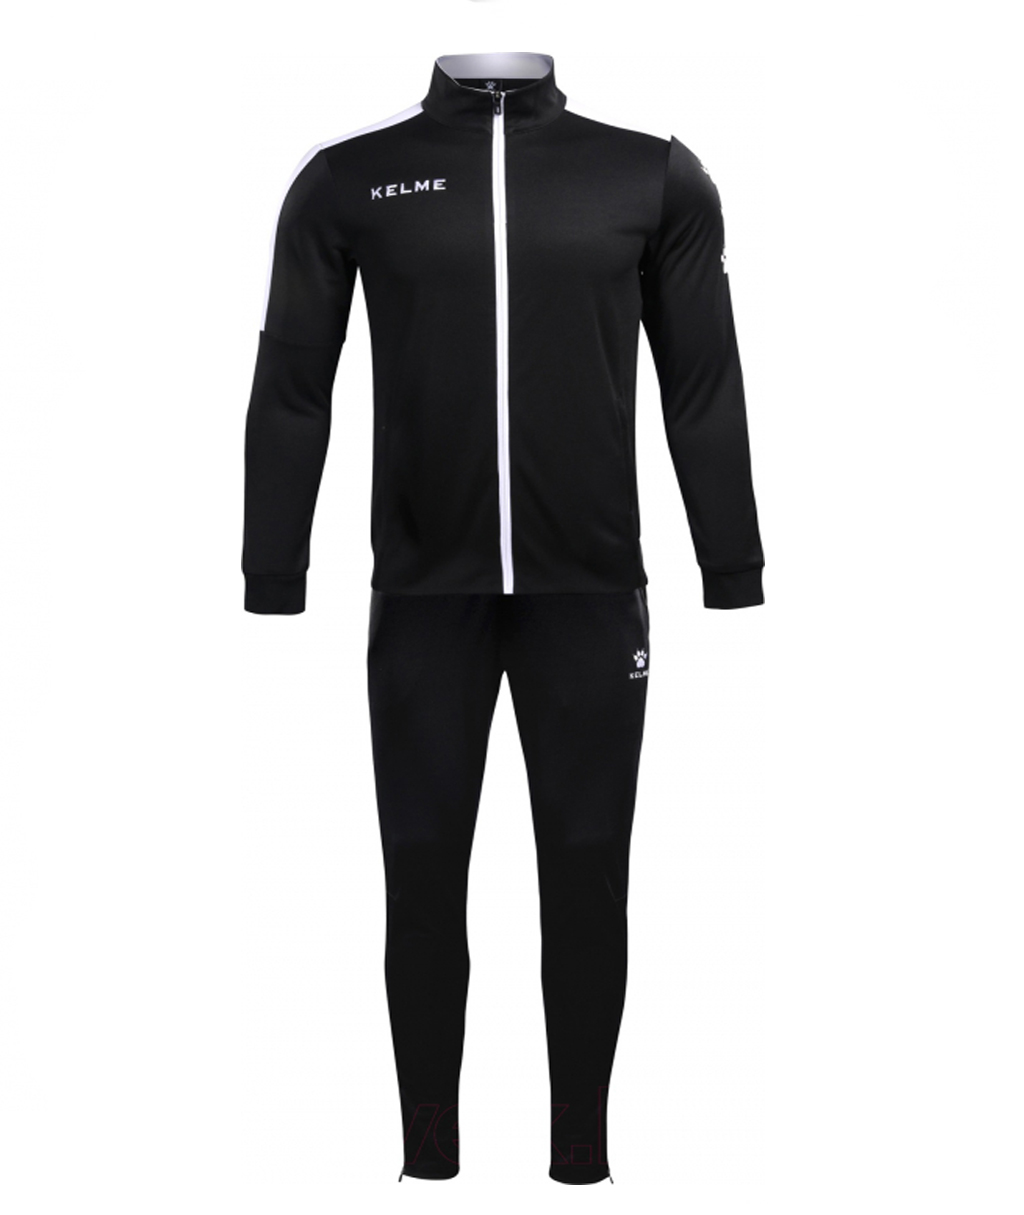 Купить чёрный спортивный костюм Kelme Tracksuit 3771200-003 в интернет-магазине с доставкой